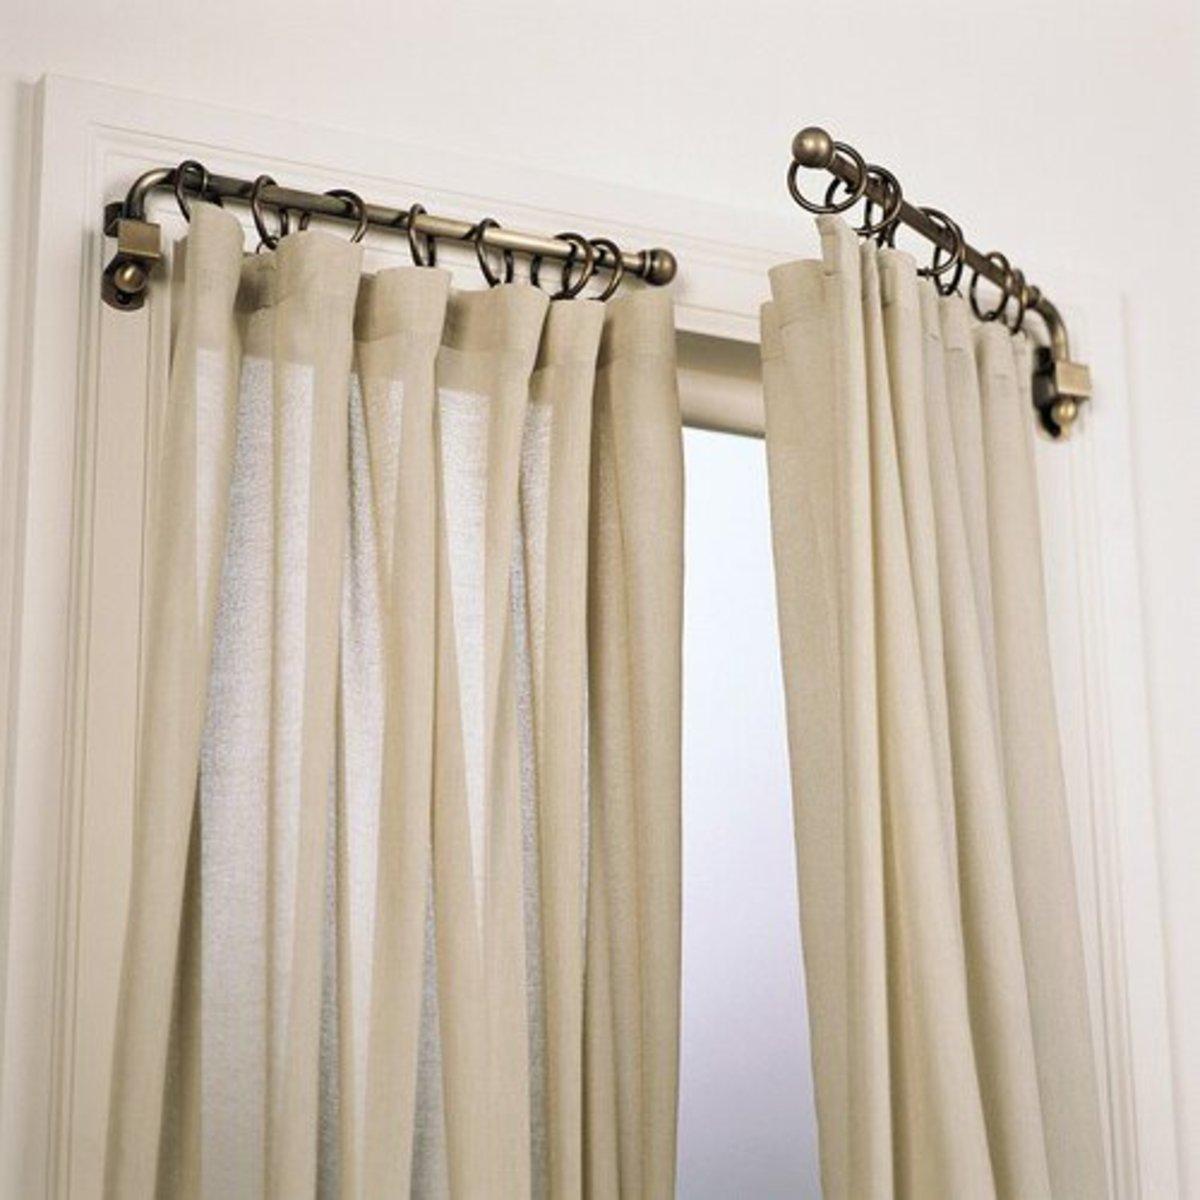 understanding different curtain rod